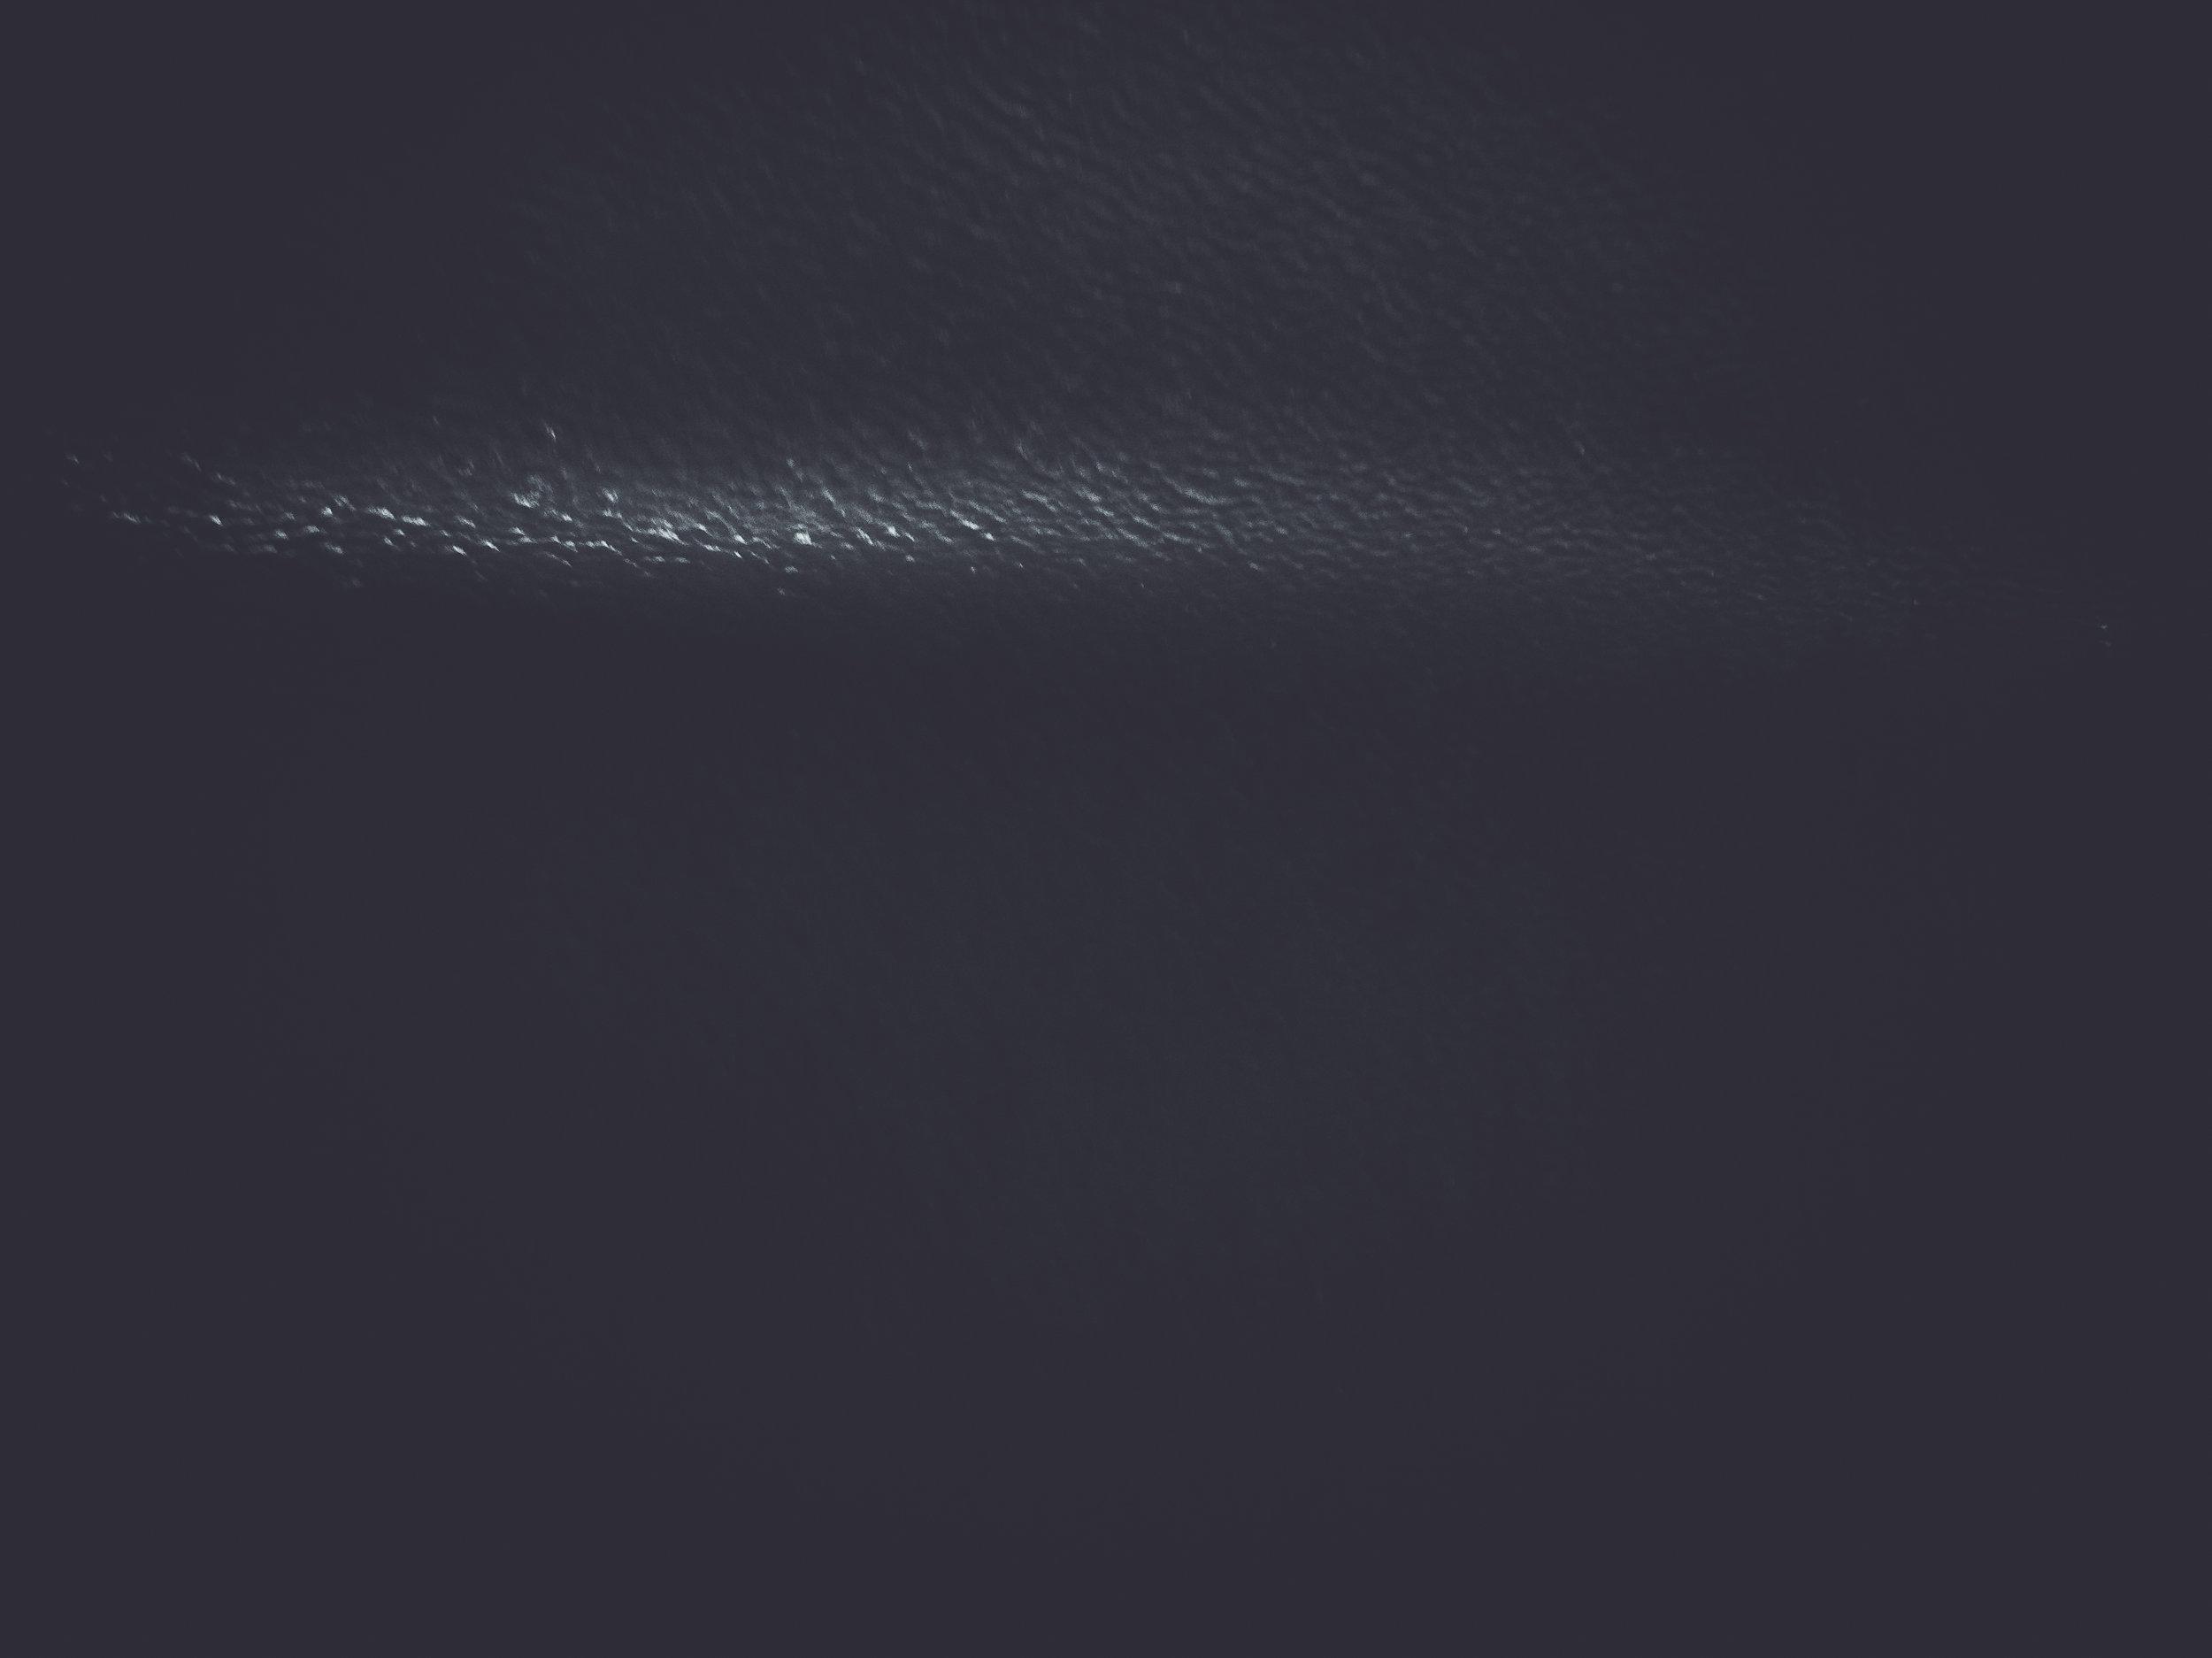 MARS /// 📷 REUBEN JAMES